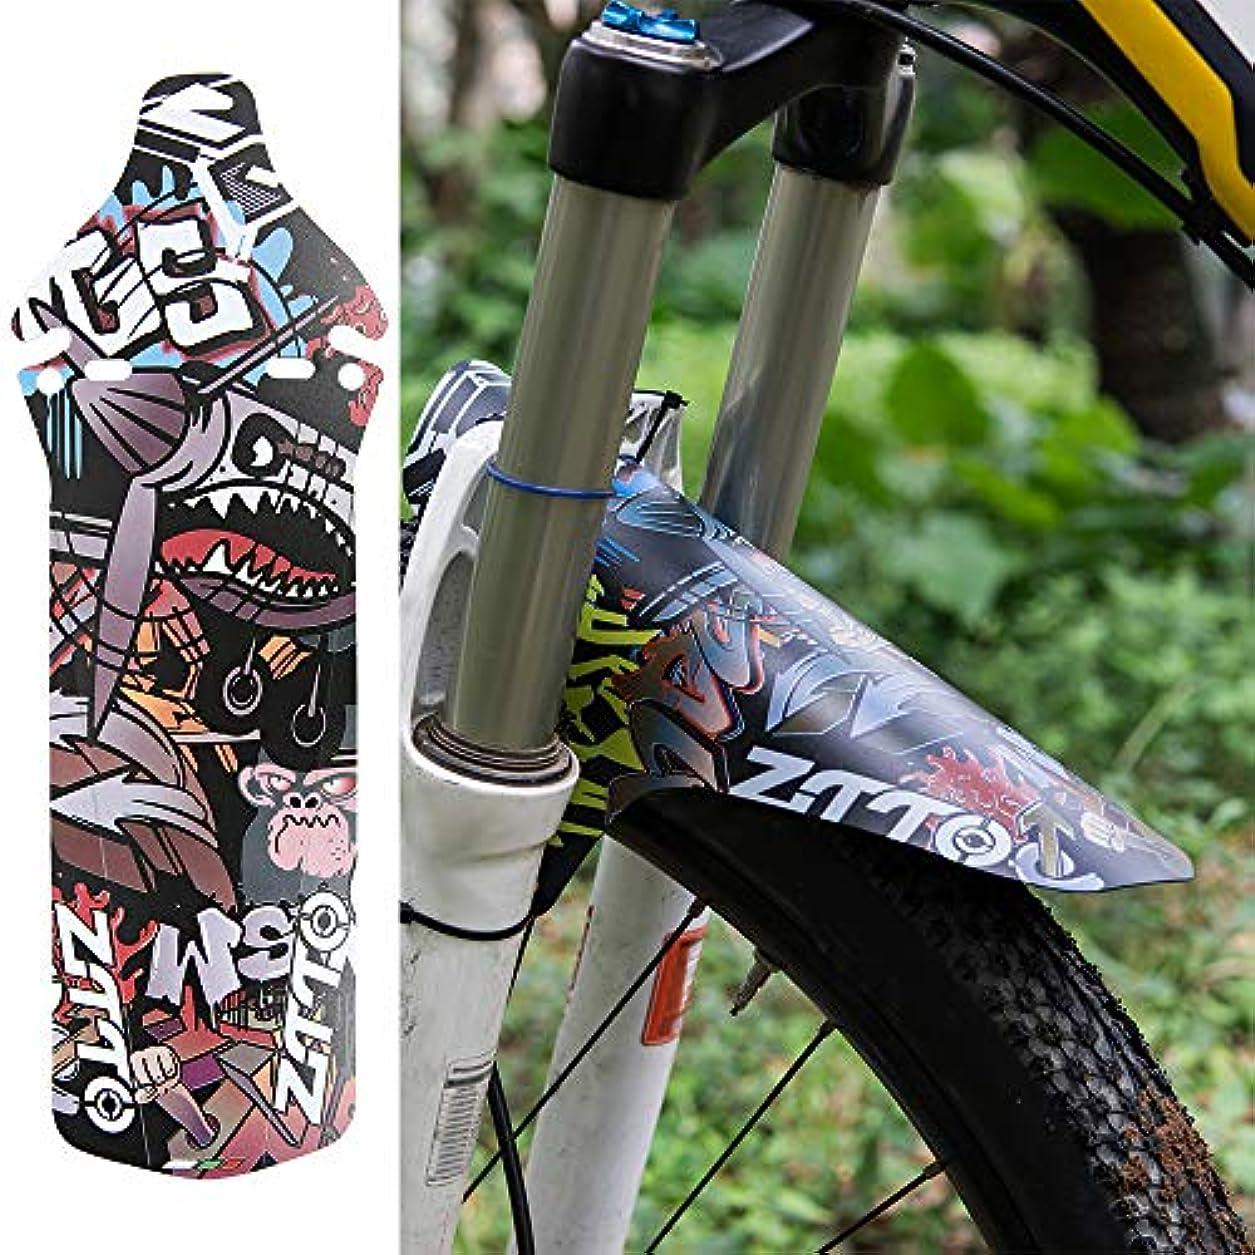 ふざけたパッチバーZTTO 自転車フェンダー マッドガード 泥よけ フロントとリア 角度調整 簡単取り付け ロードバイク クロスバイク用